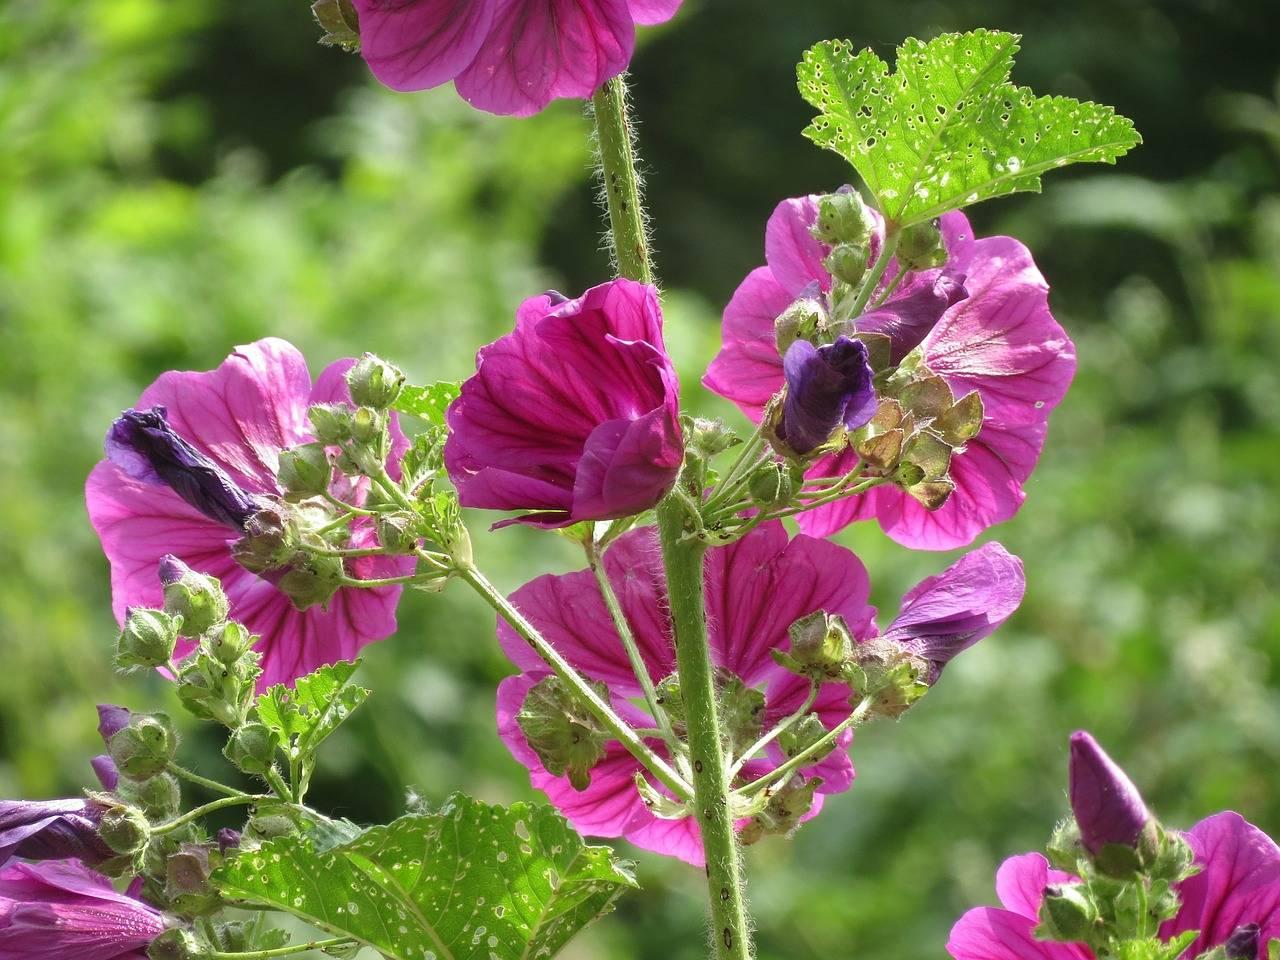 Лечебные свойства травы просвирник и ее применение в народной медицине